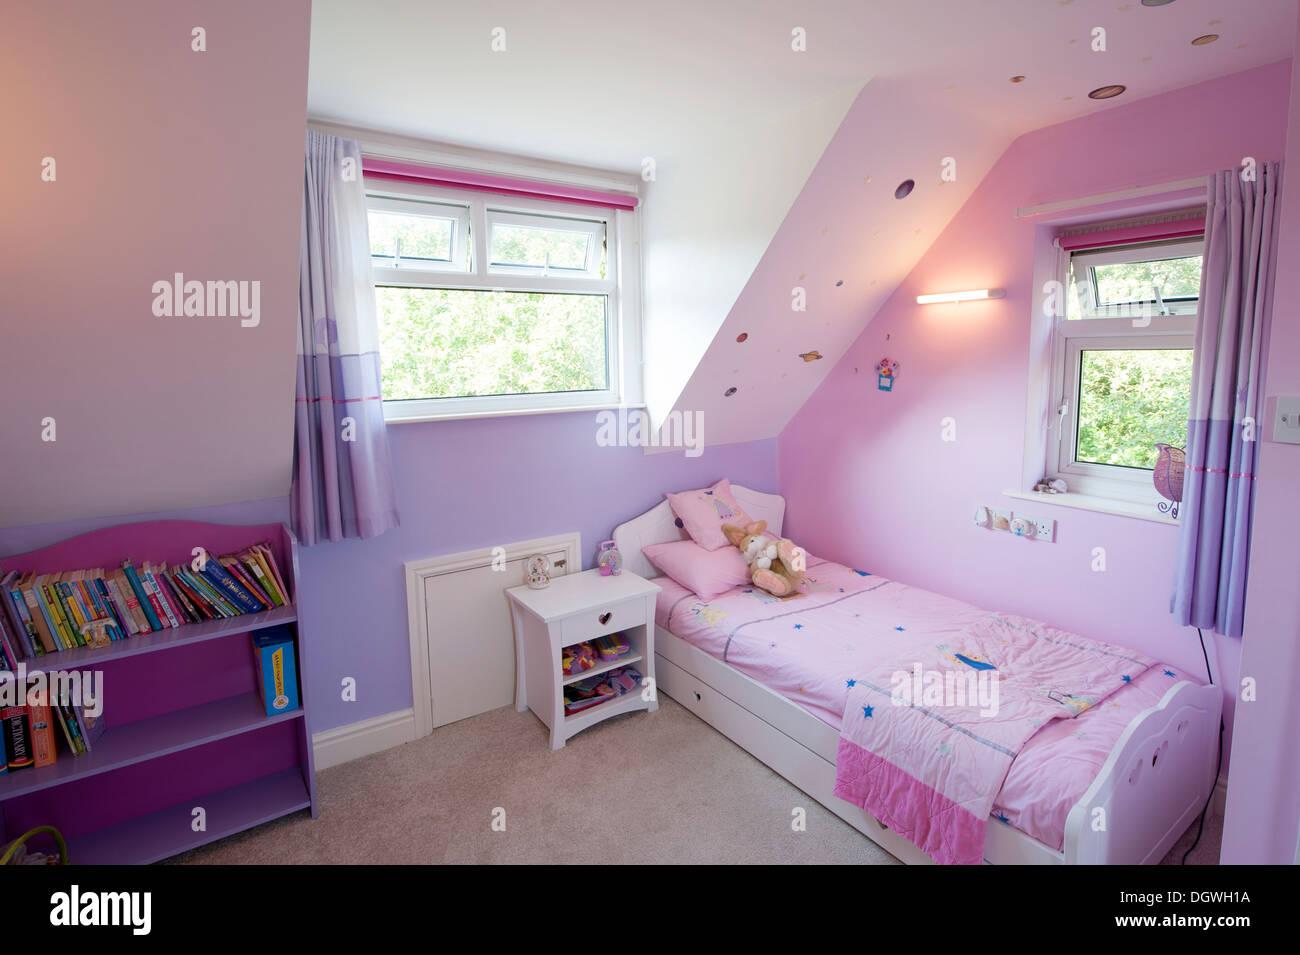 Junge Mädchen Rosa hübsche Barbie Schlafzimmer Mädchen Stockfoto ...